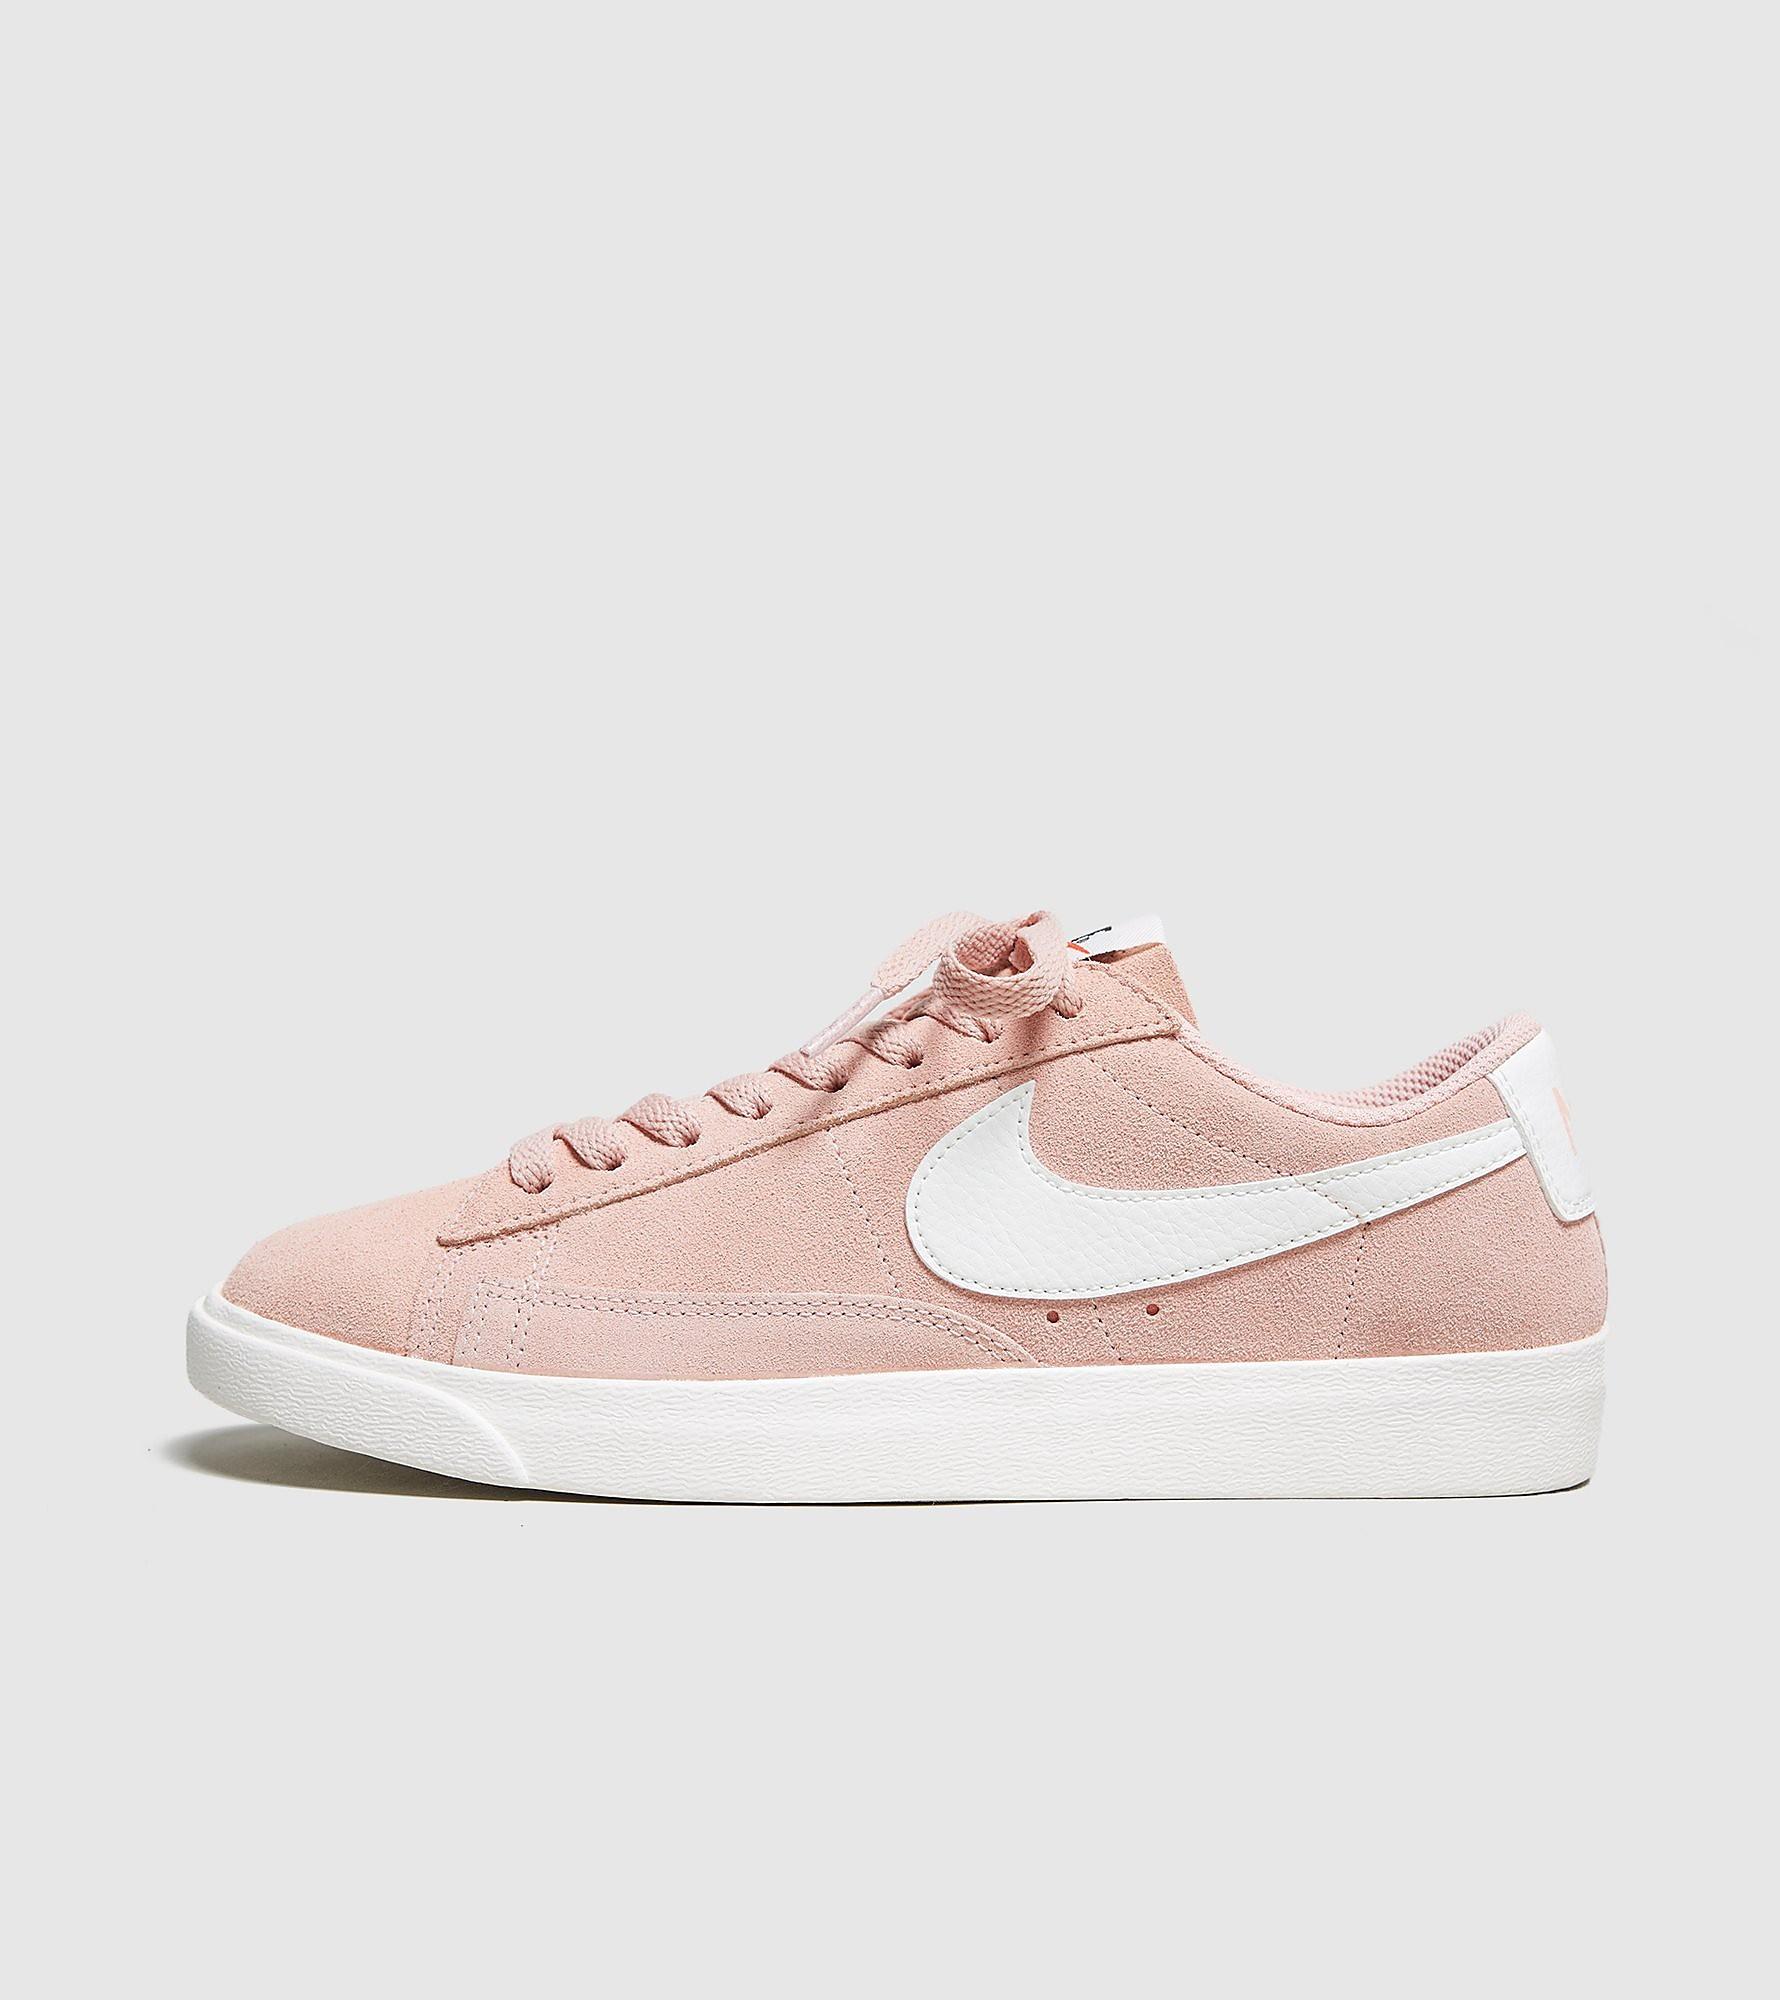 Nike Blazer Femme